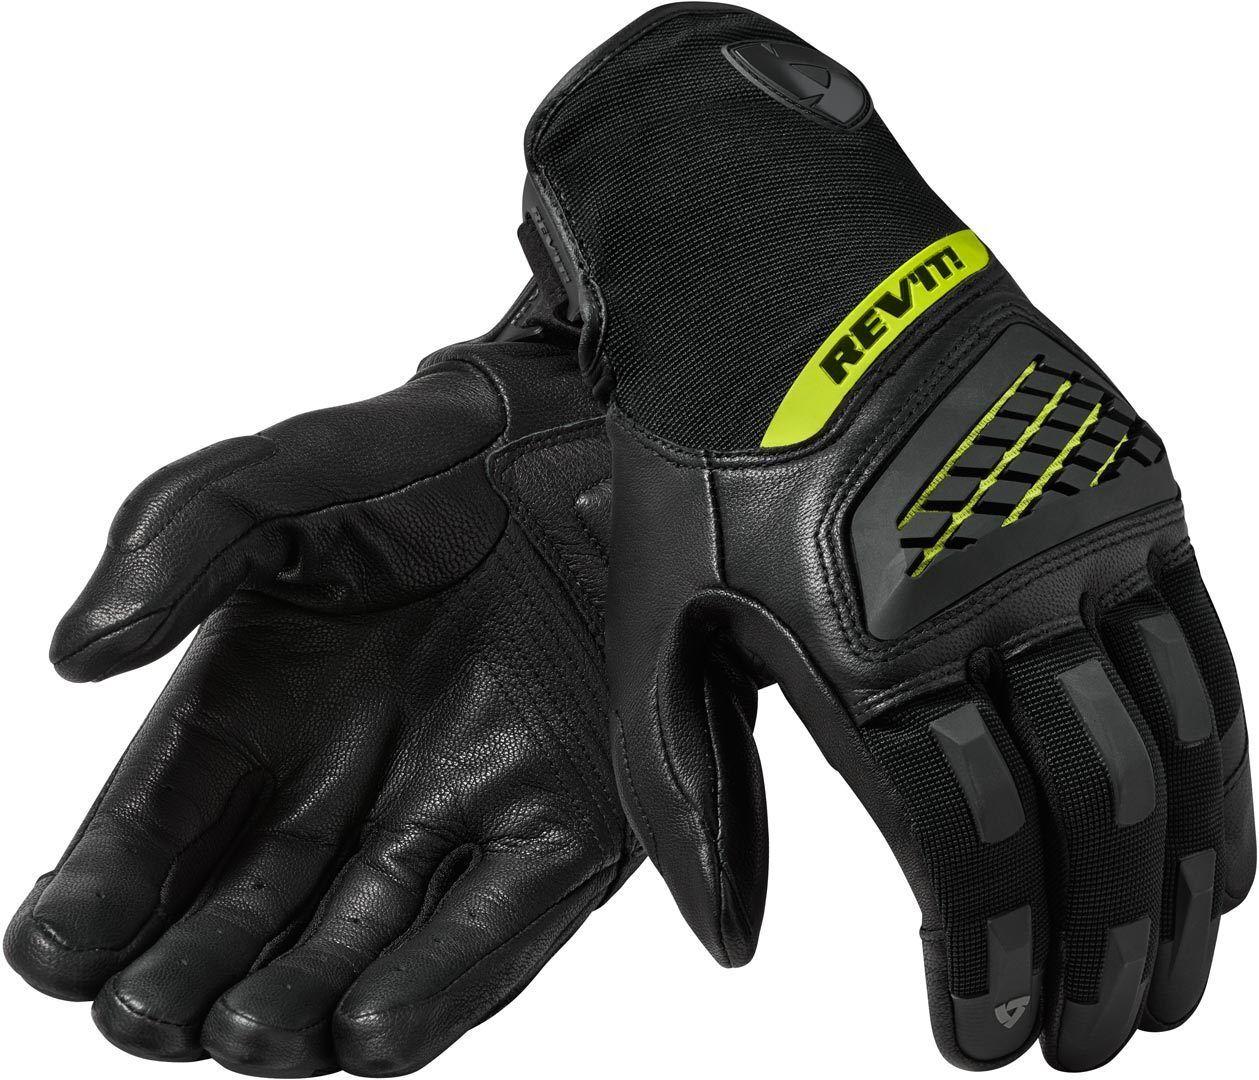 Revit Neutron 3 Gants de motocross Noir Jaune taille : L